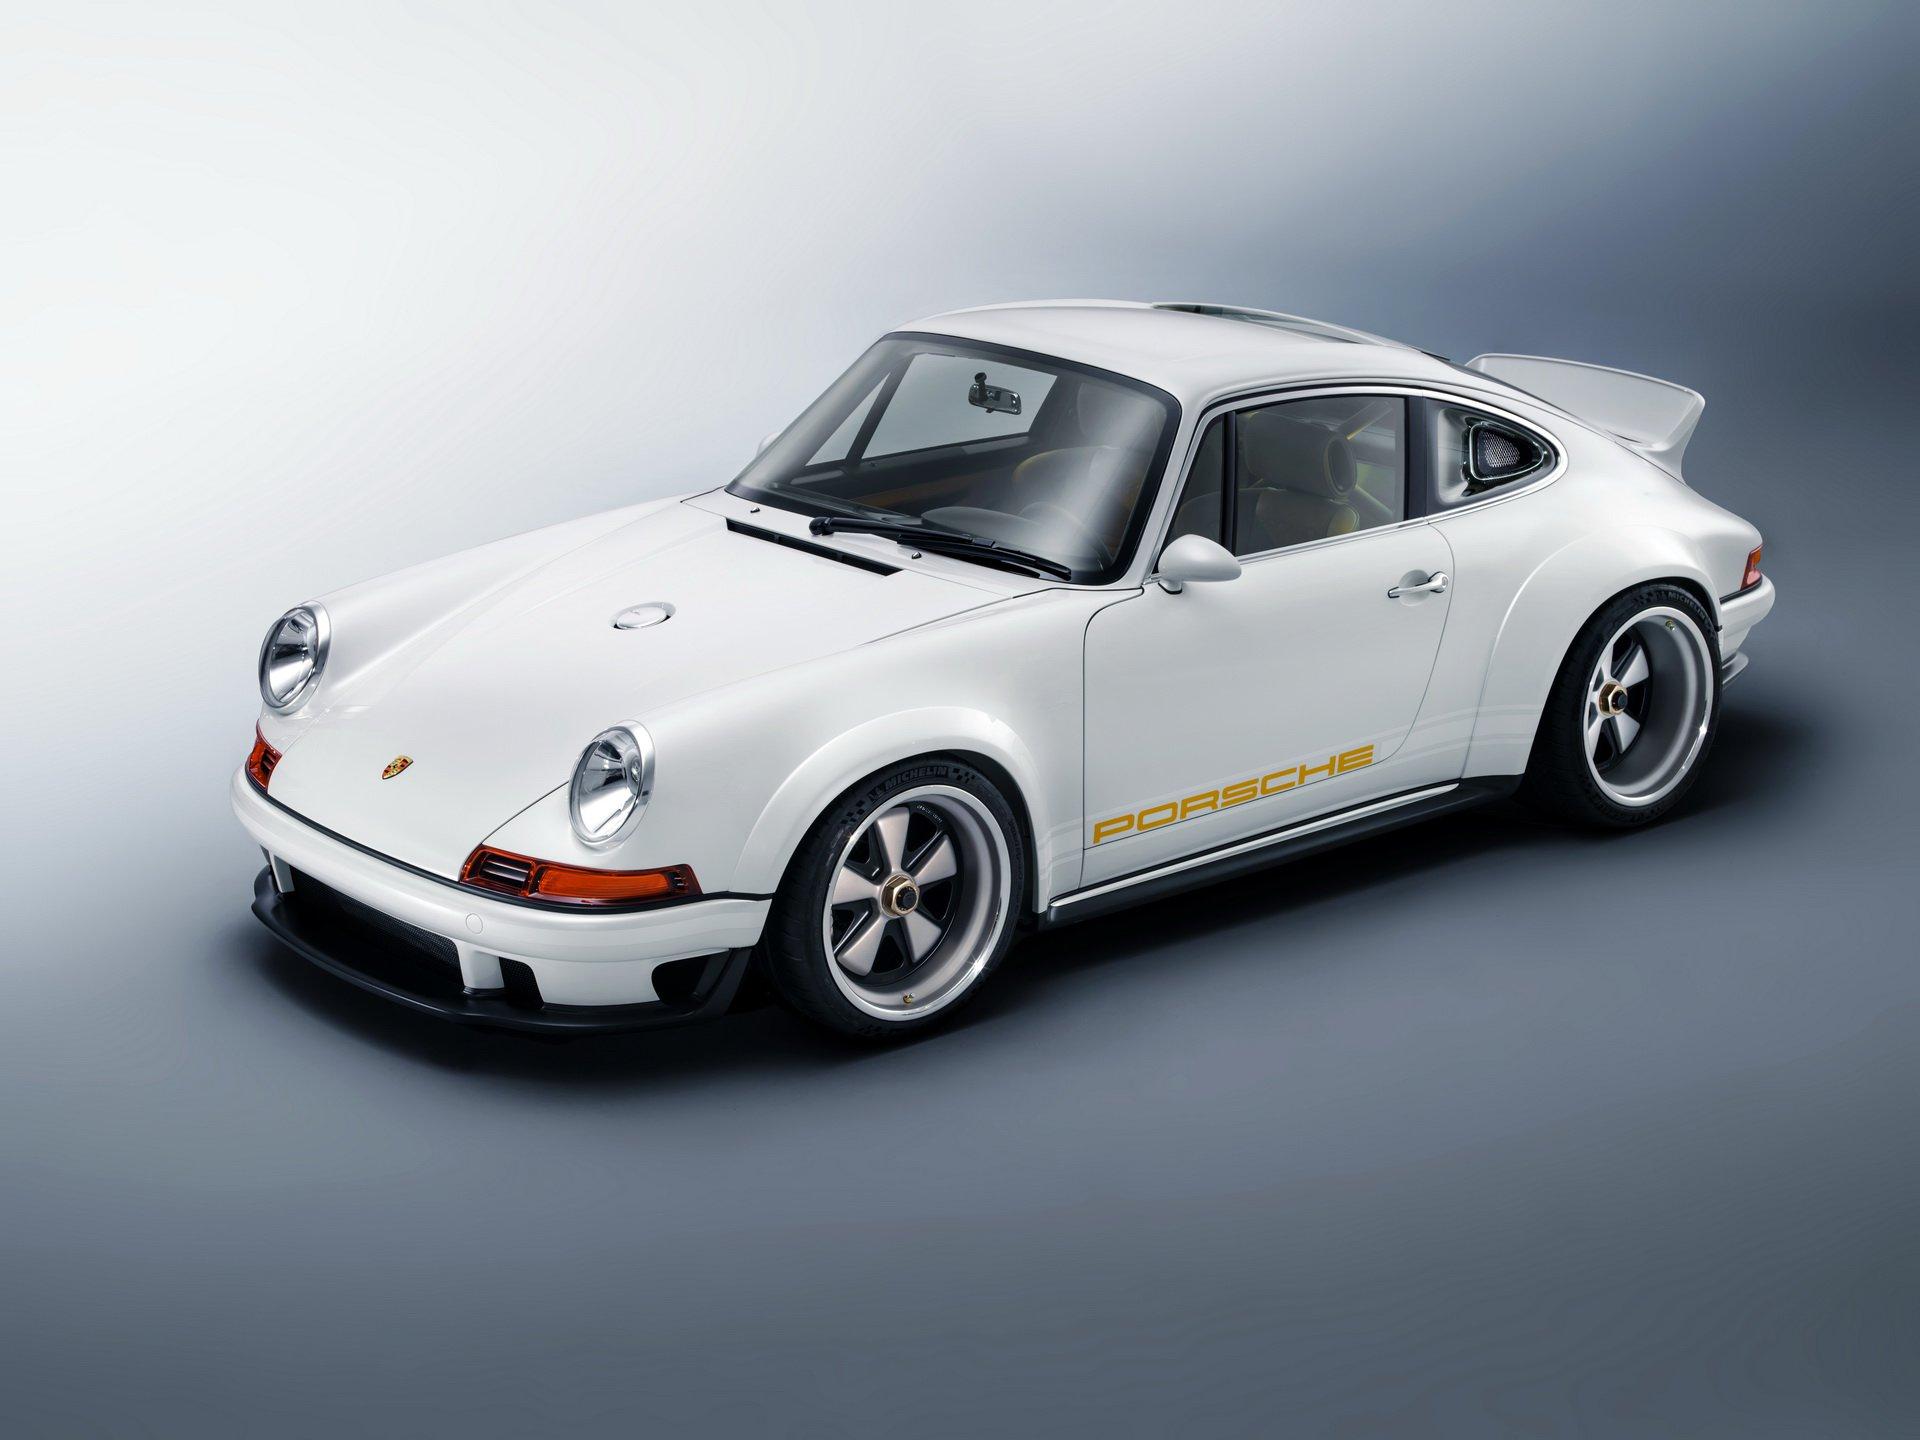 Тюнинг-студия Singer Vehicle Design(Калифорния) в сотрудничестве с мастерами из Williams Advanced Engineering построила, пожалуй, самый продвинутый в мире Porsche 911 с воздушным контуром охлаждения